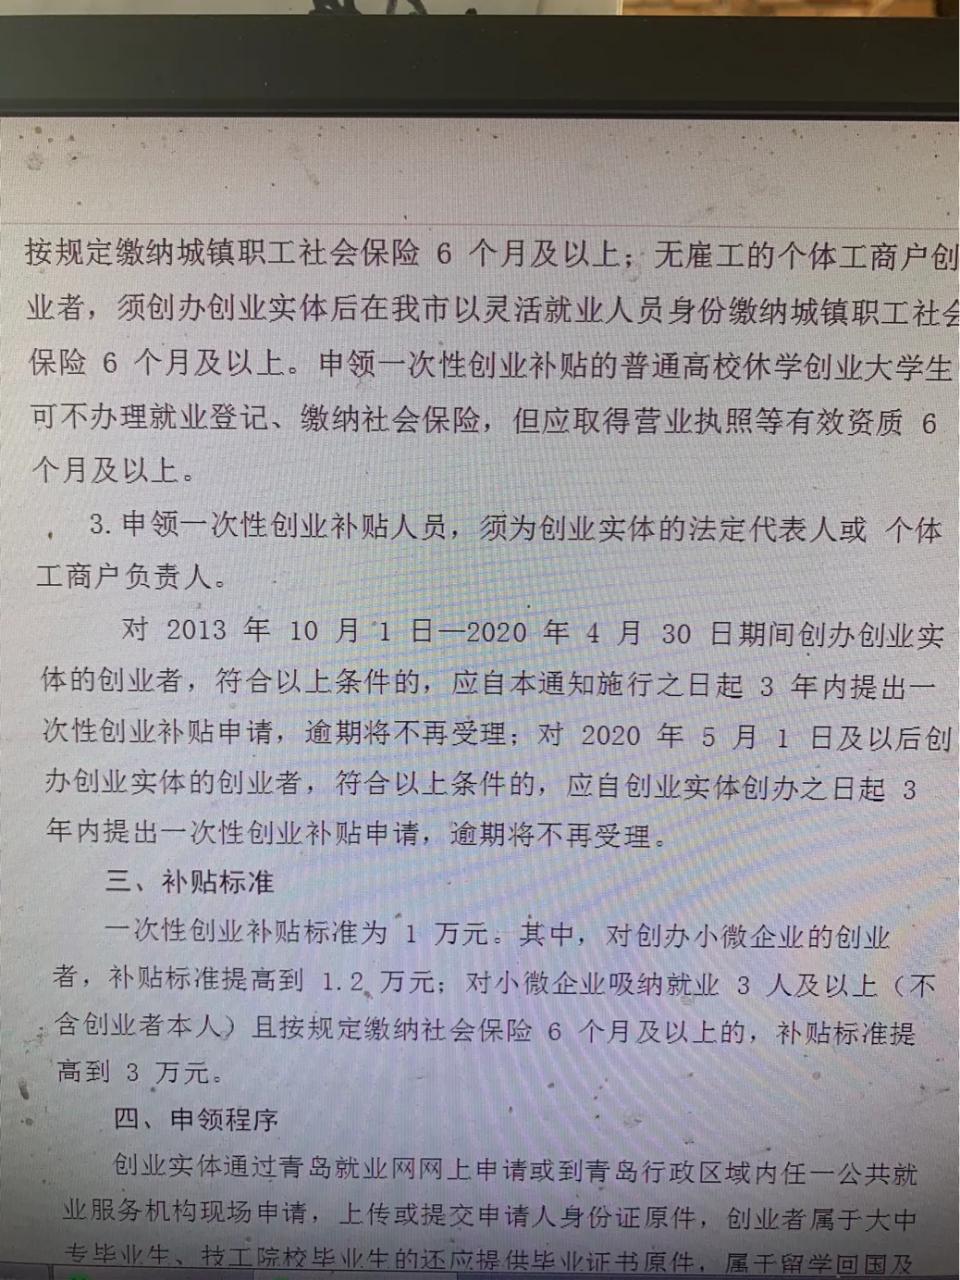 2021创业补贴新政策(申请创业基金需要什么条件)-菏泽刑事律师电话免费咨询